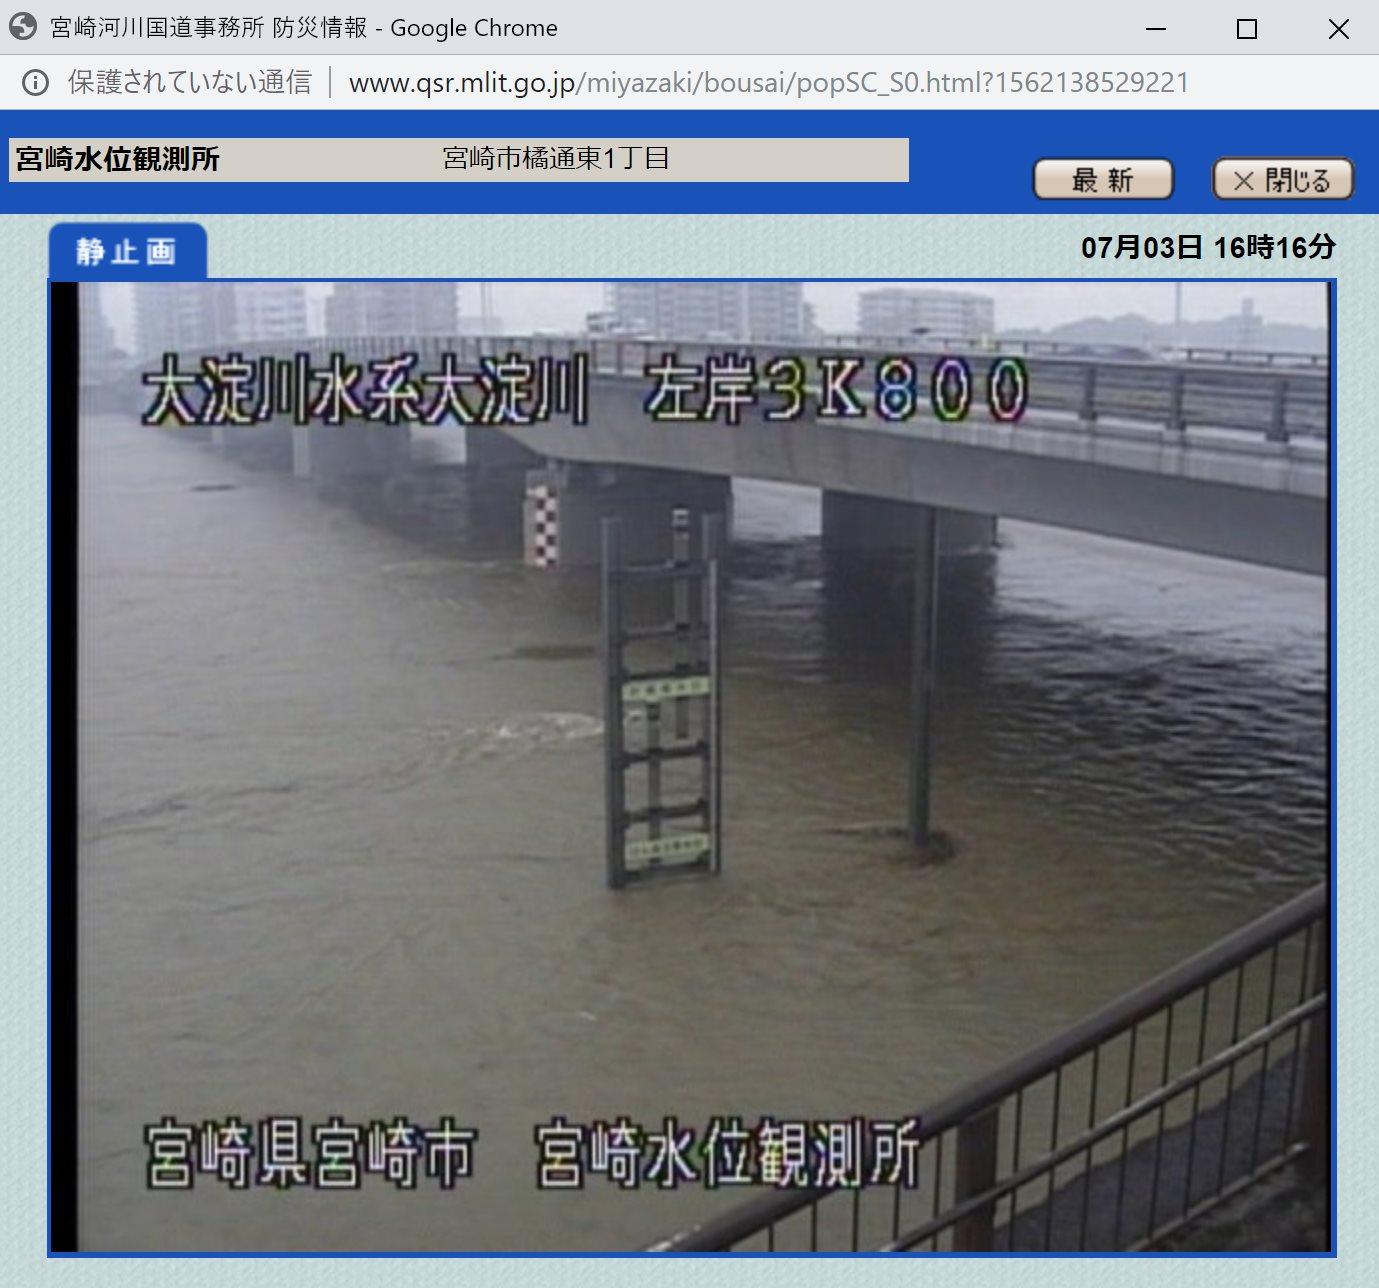 宮崎水位観測所の監視カメラ